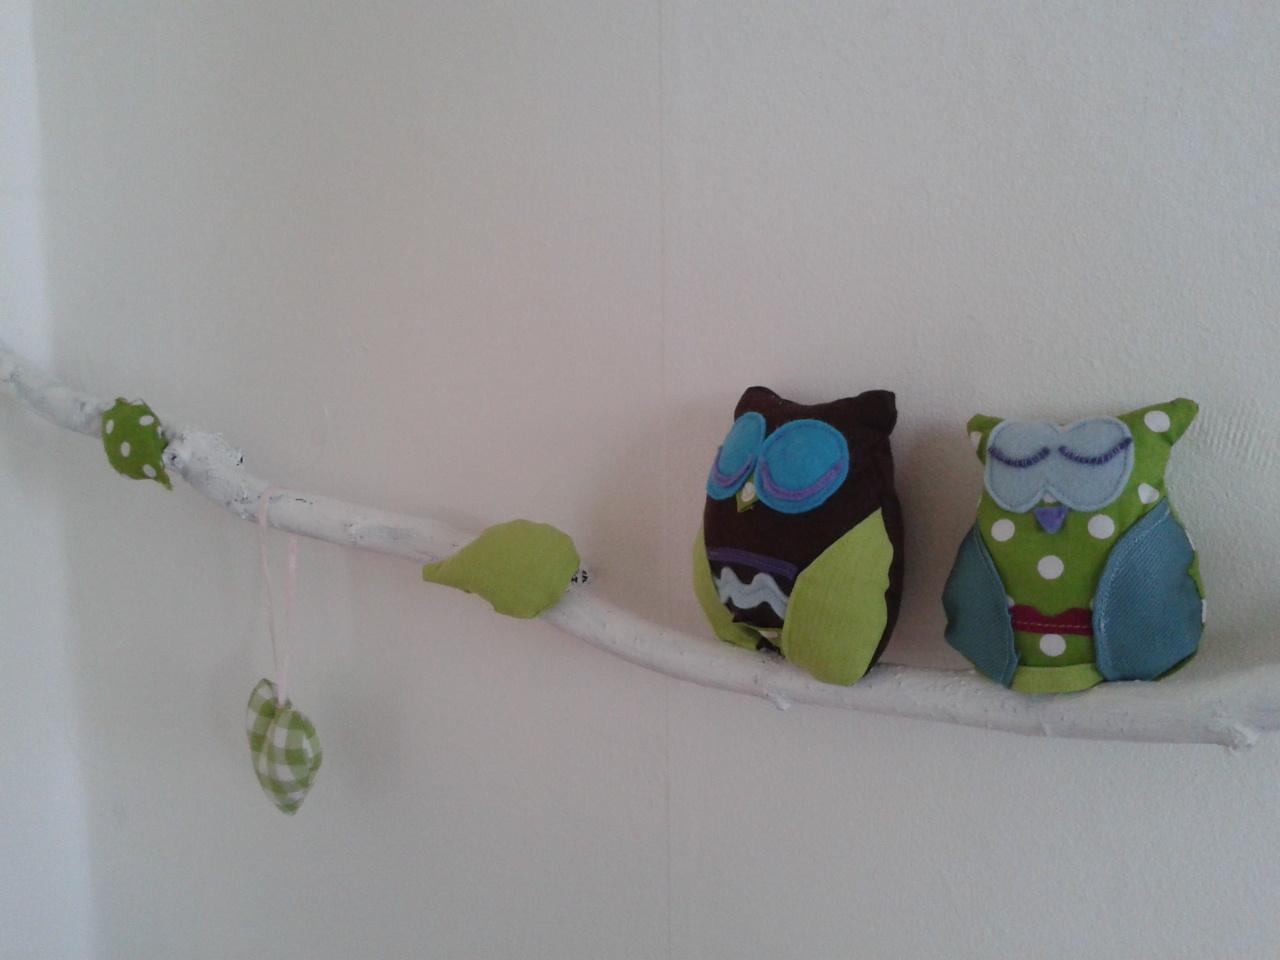 Kinderkamer Kinderkamer Wanddecoratie : Huis tuin en mama: met de uiltjes op stok!